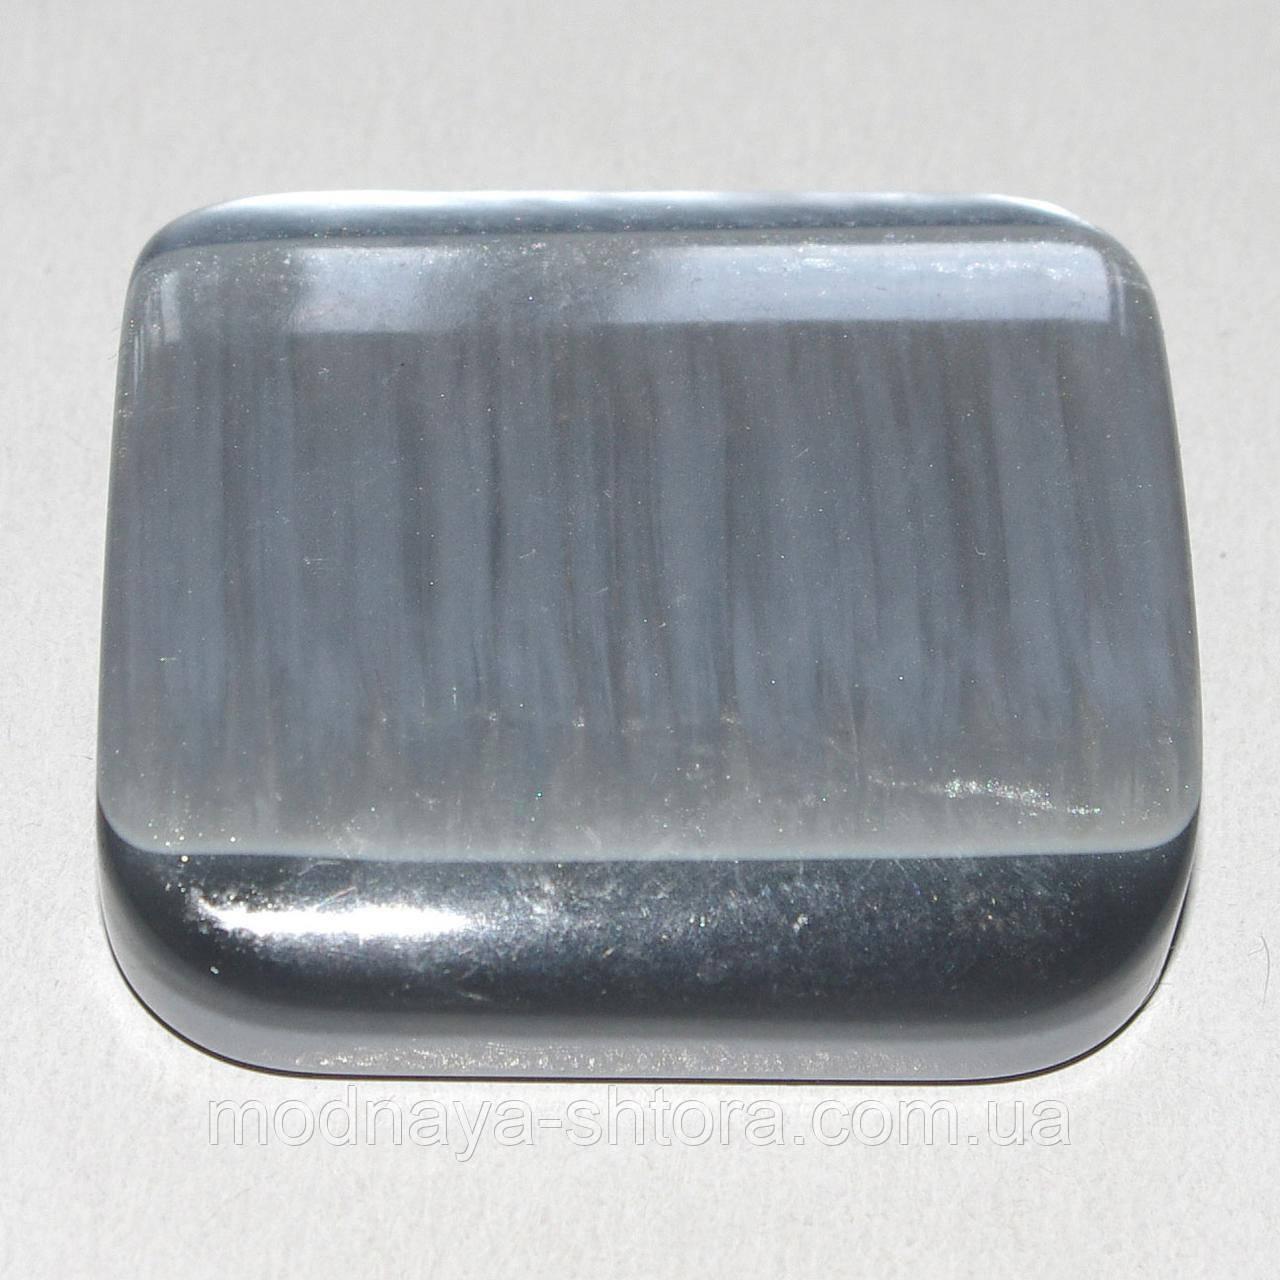 """Магніт-підхоплення для штор та тюлей на стрічці """"Квадрат"""" (сірий перламутр)"""